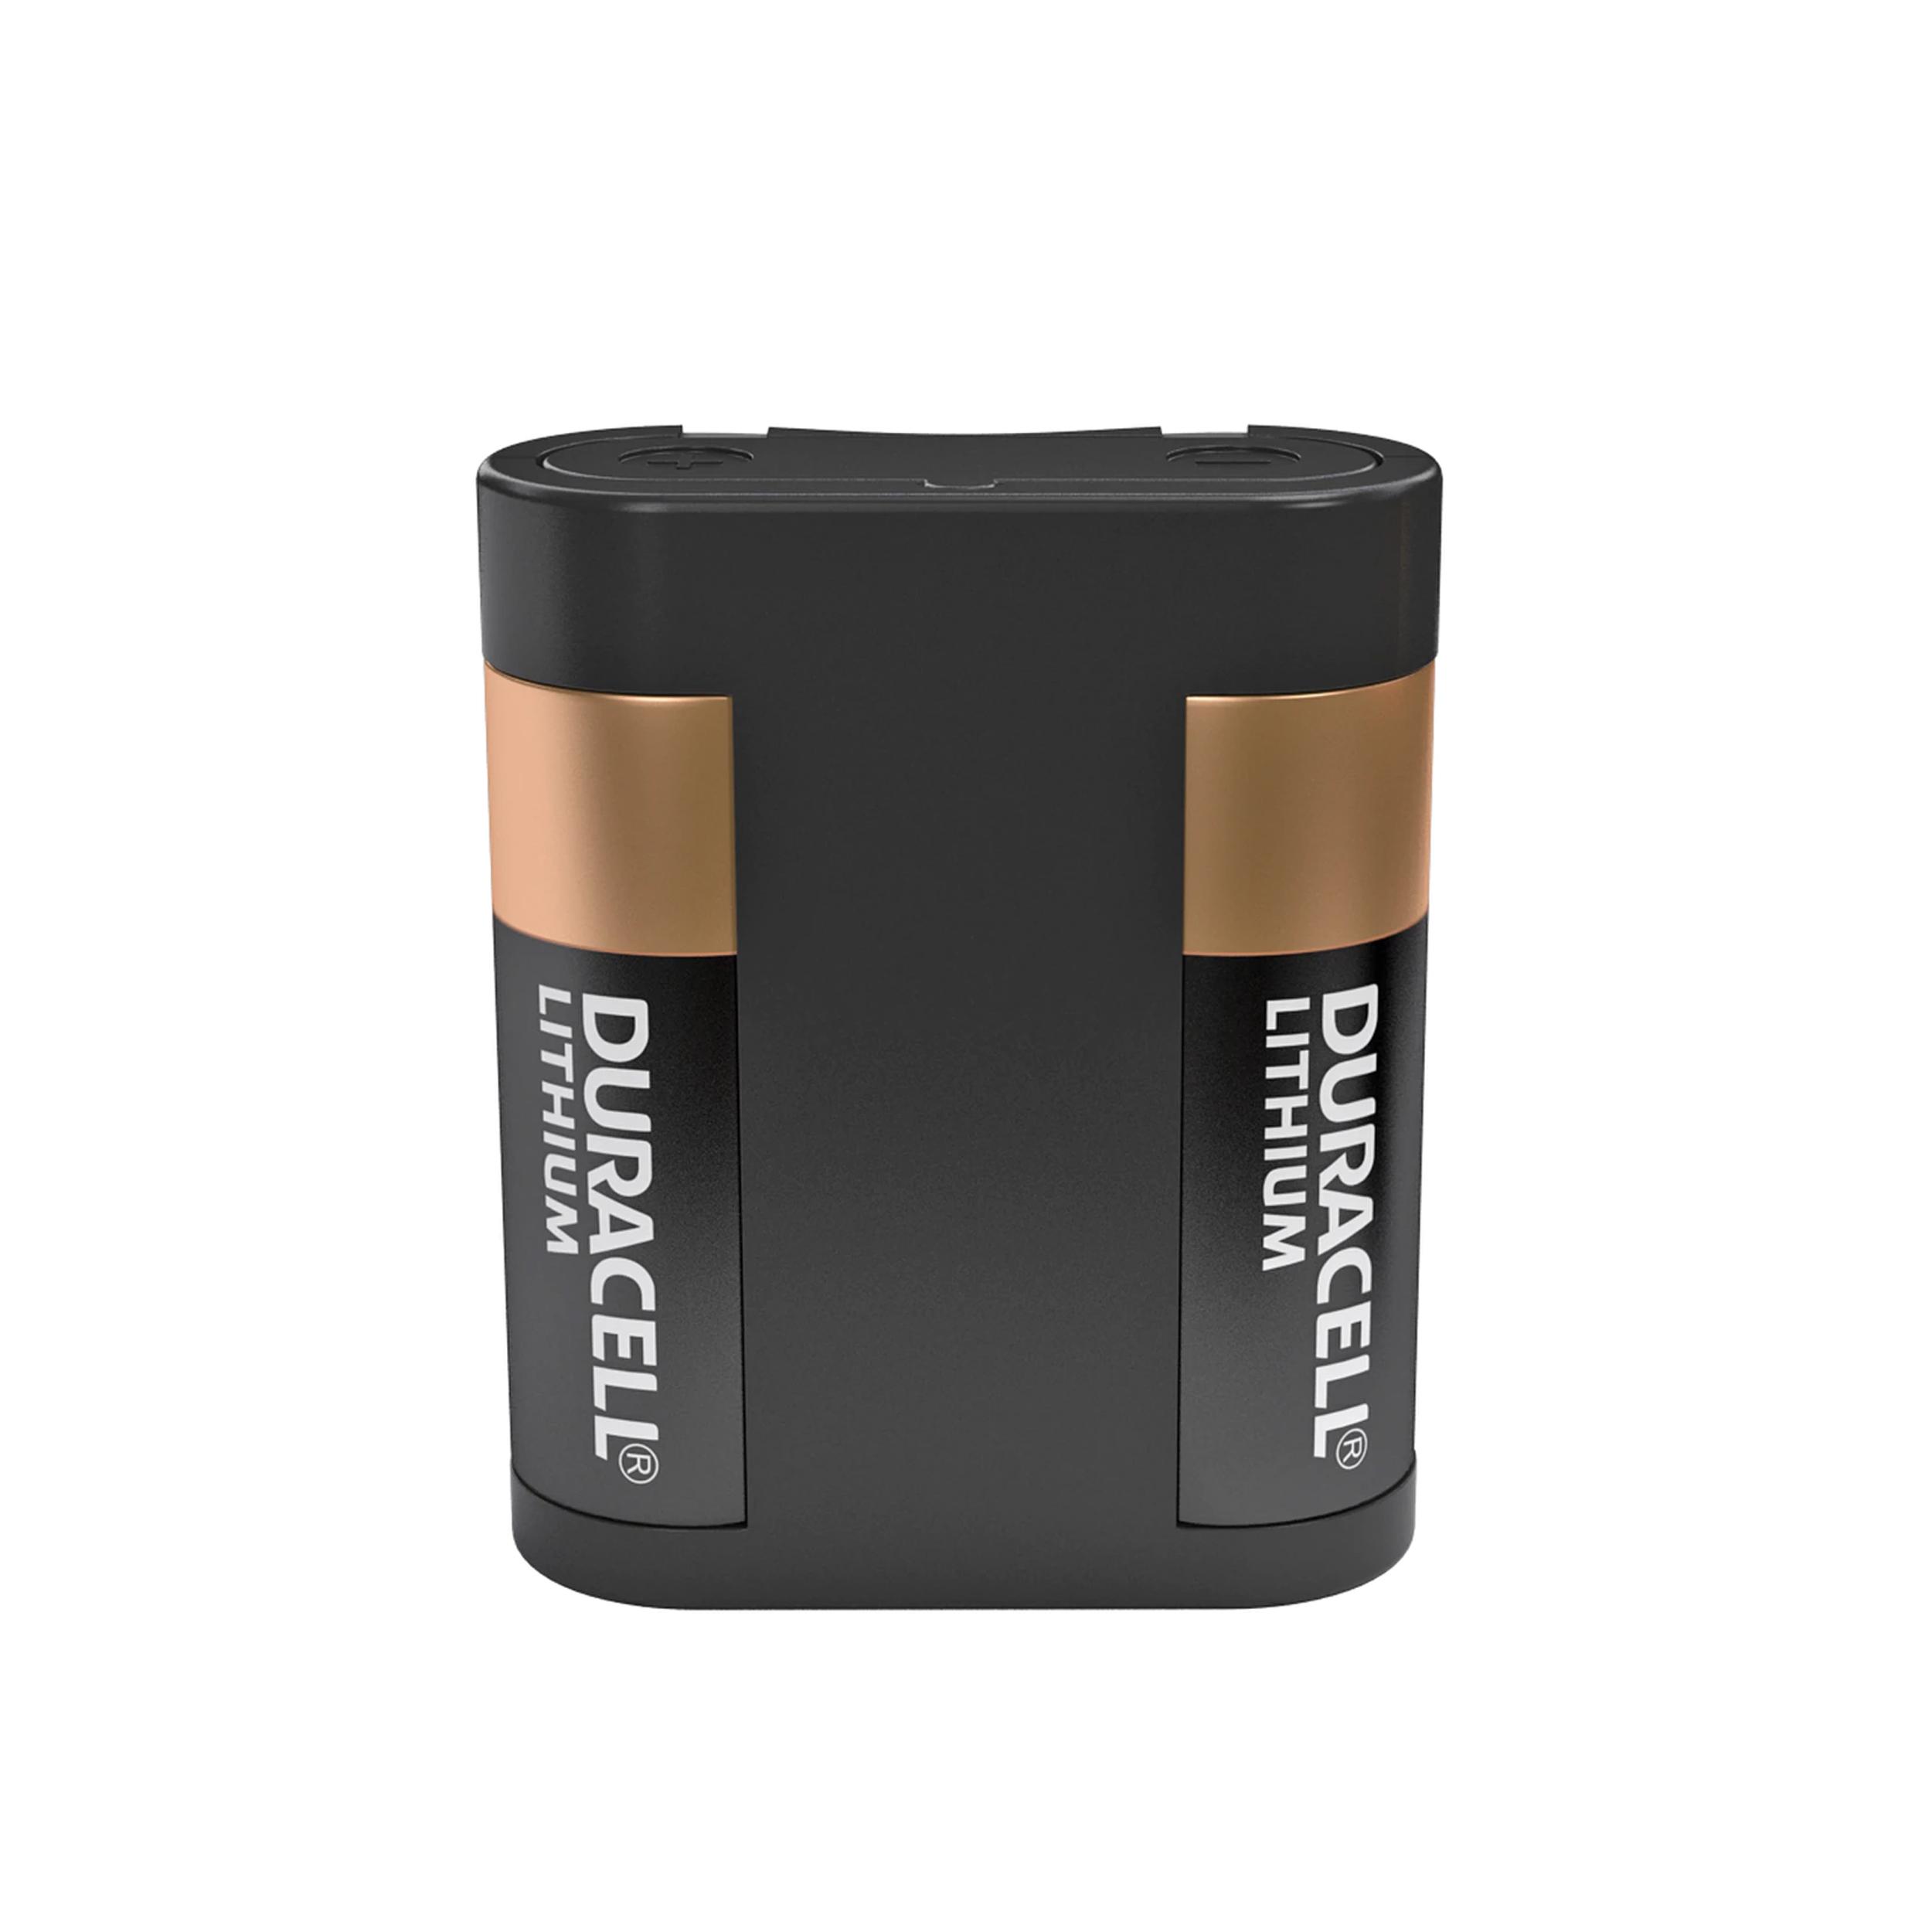 بررسی و {خرید با تخفیف}                                     باتری C دوراسل مدل DL245/2CR5                             اصل